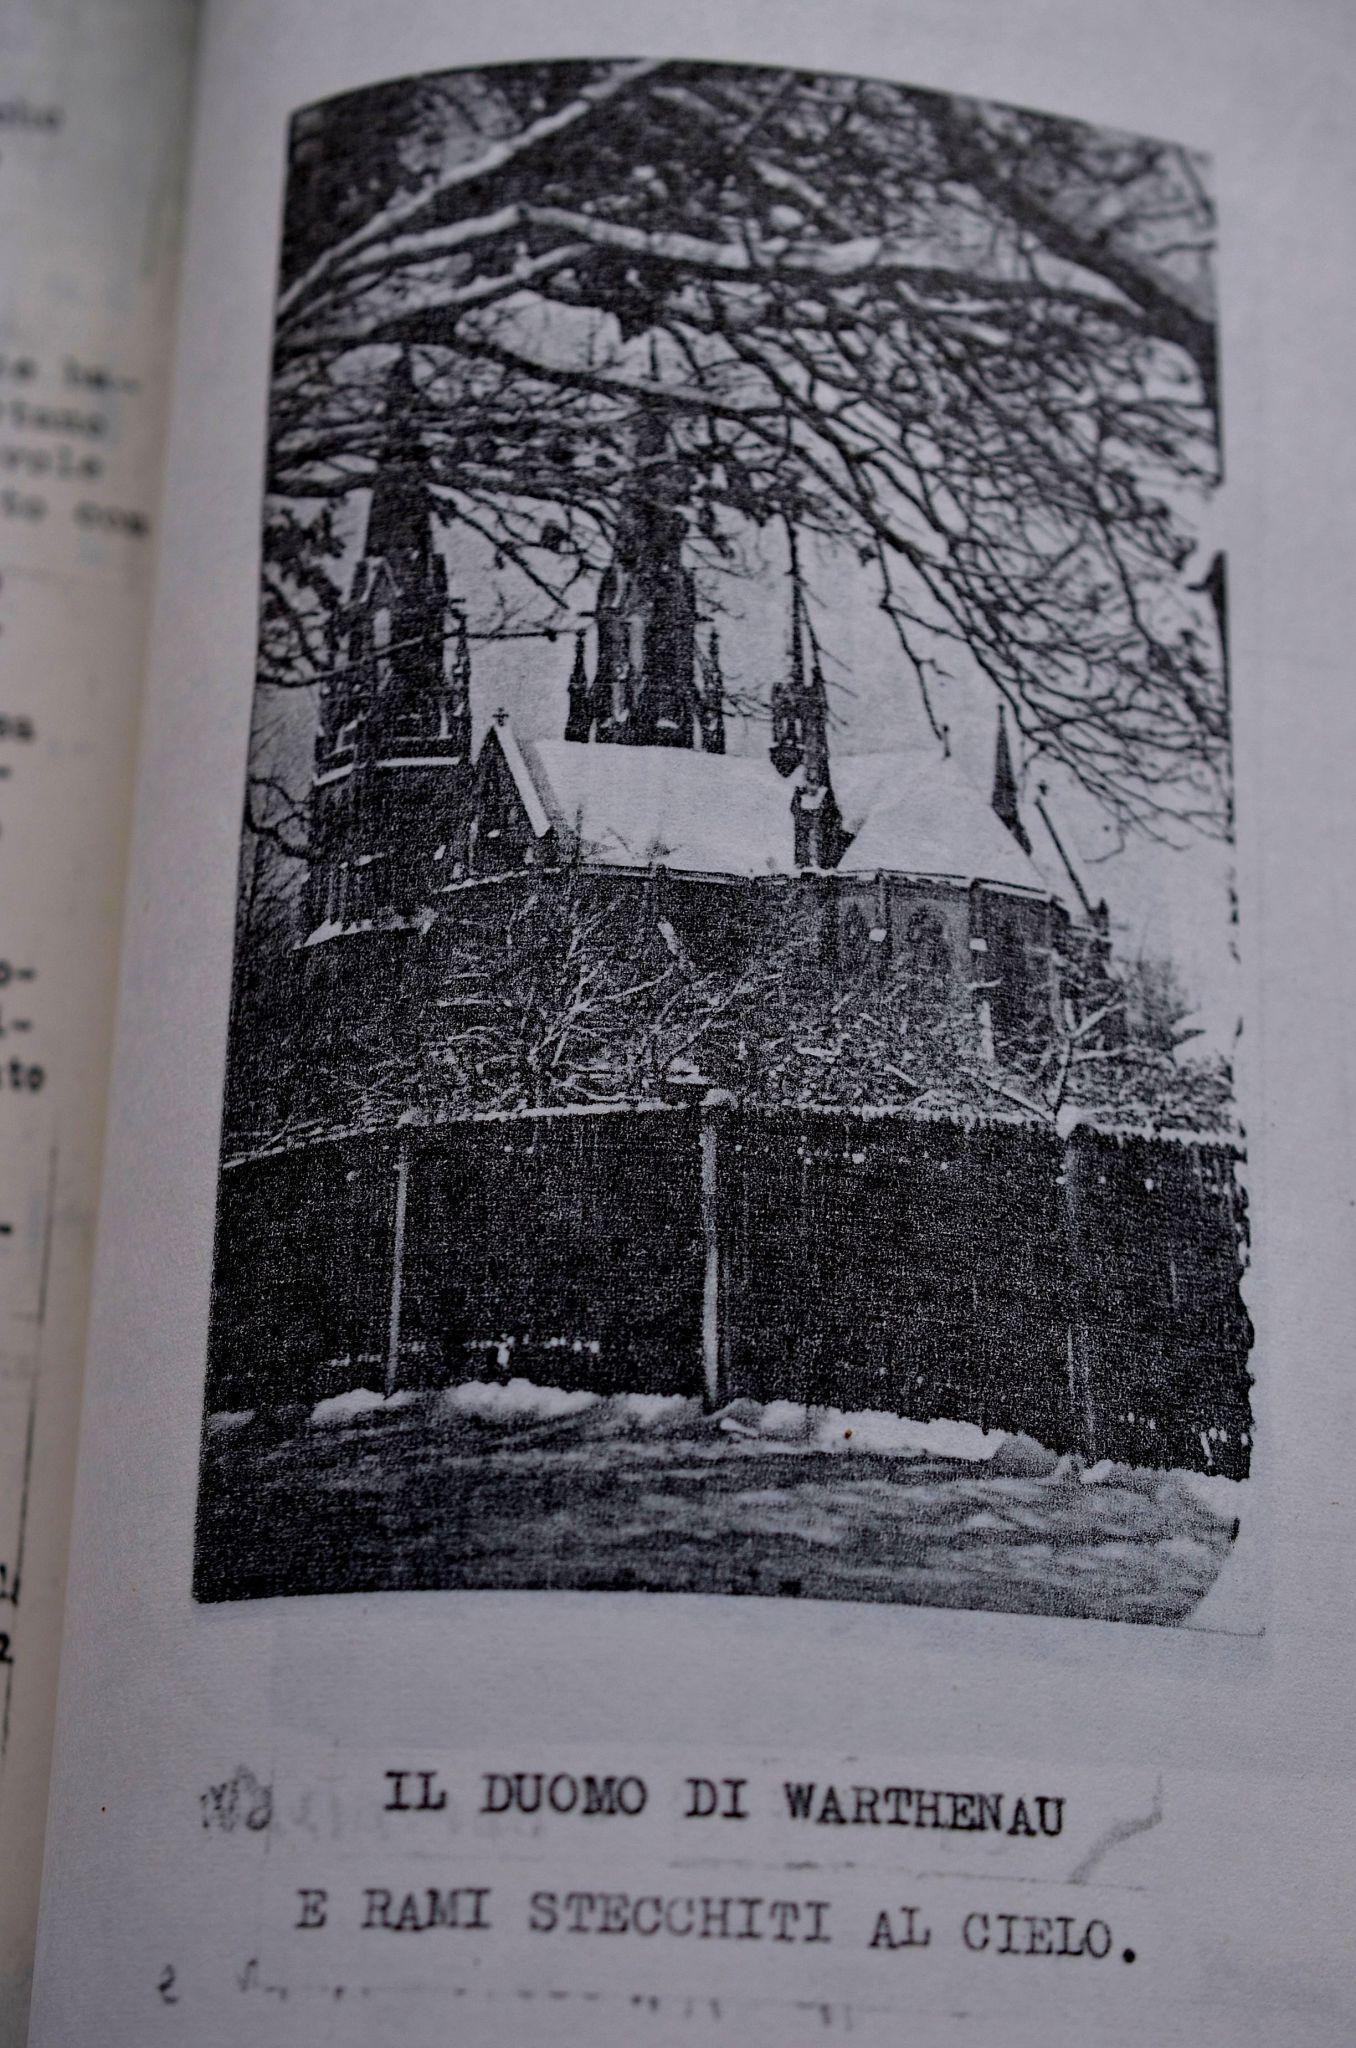 Cattedrale di Warthenau